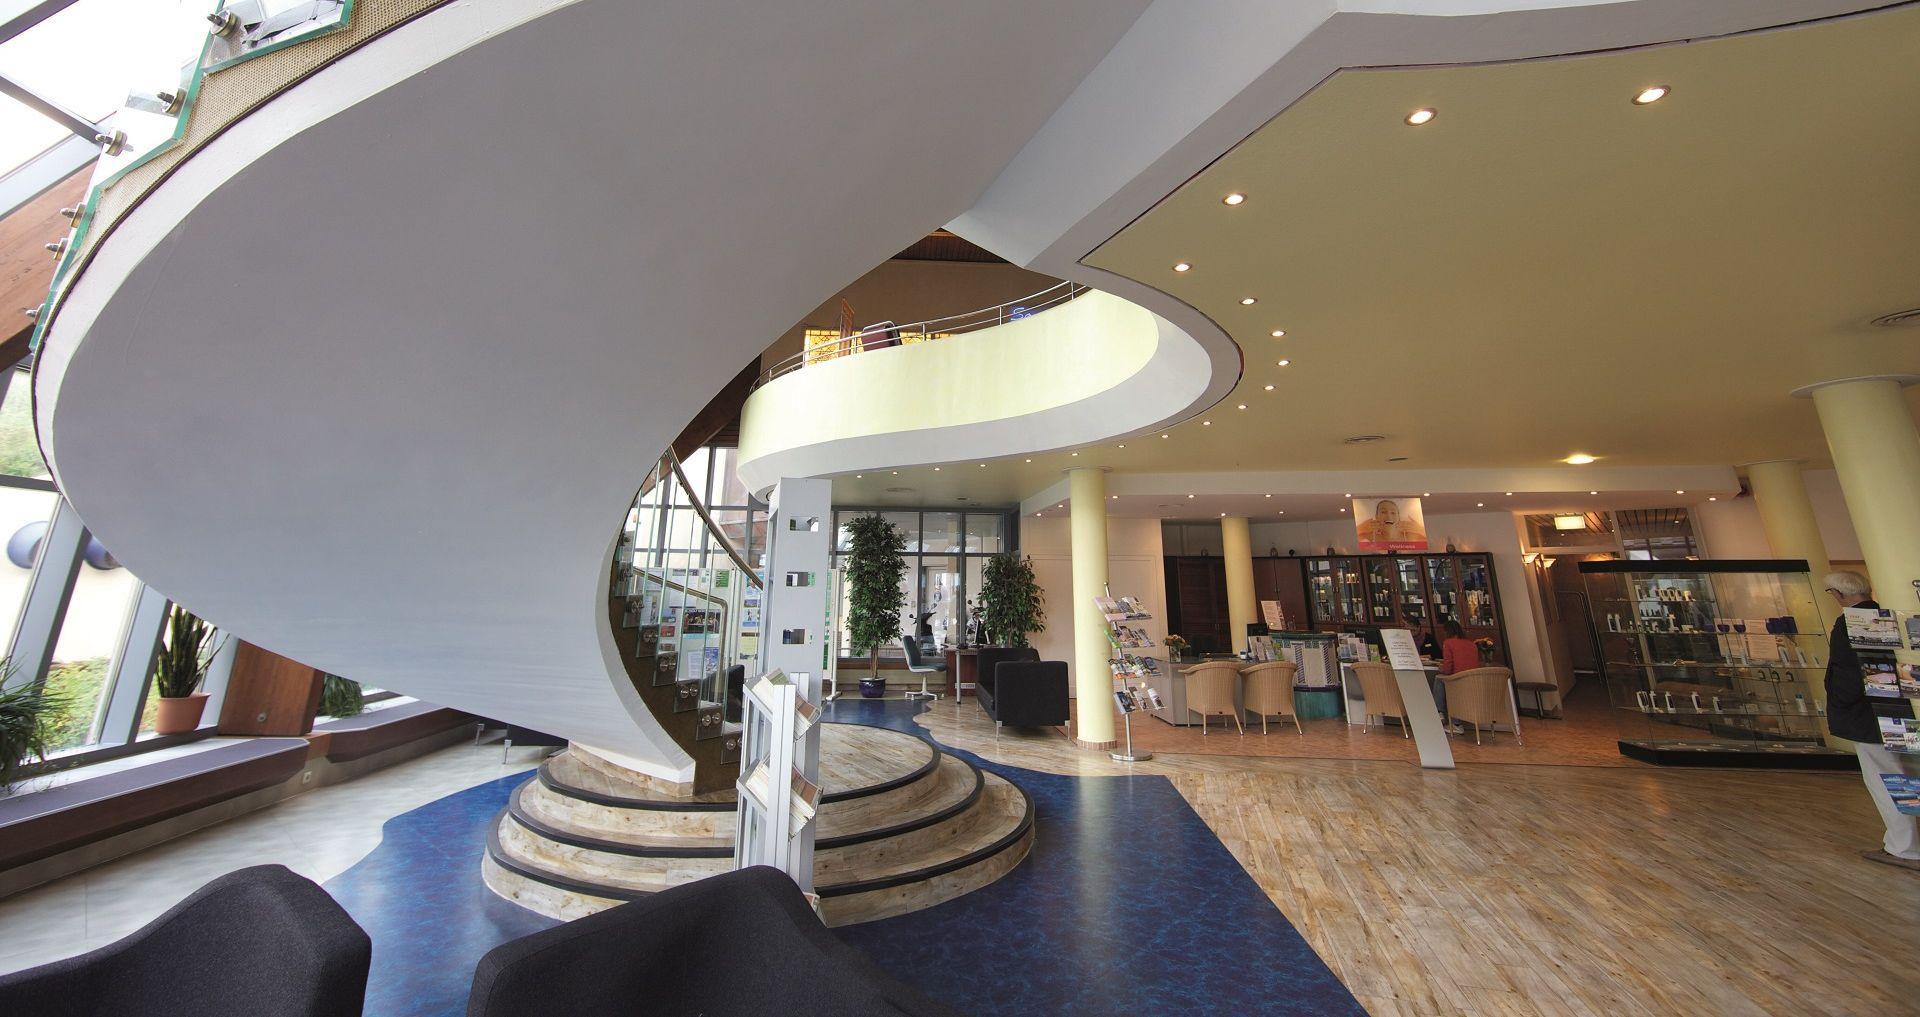 Eingangsbereich des Syltness Centers